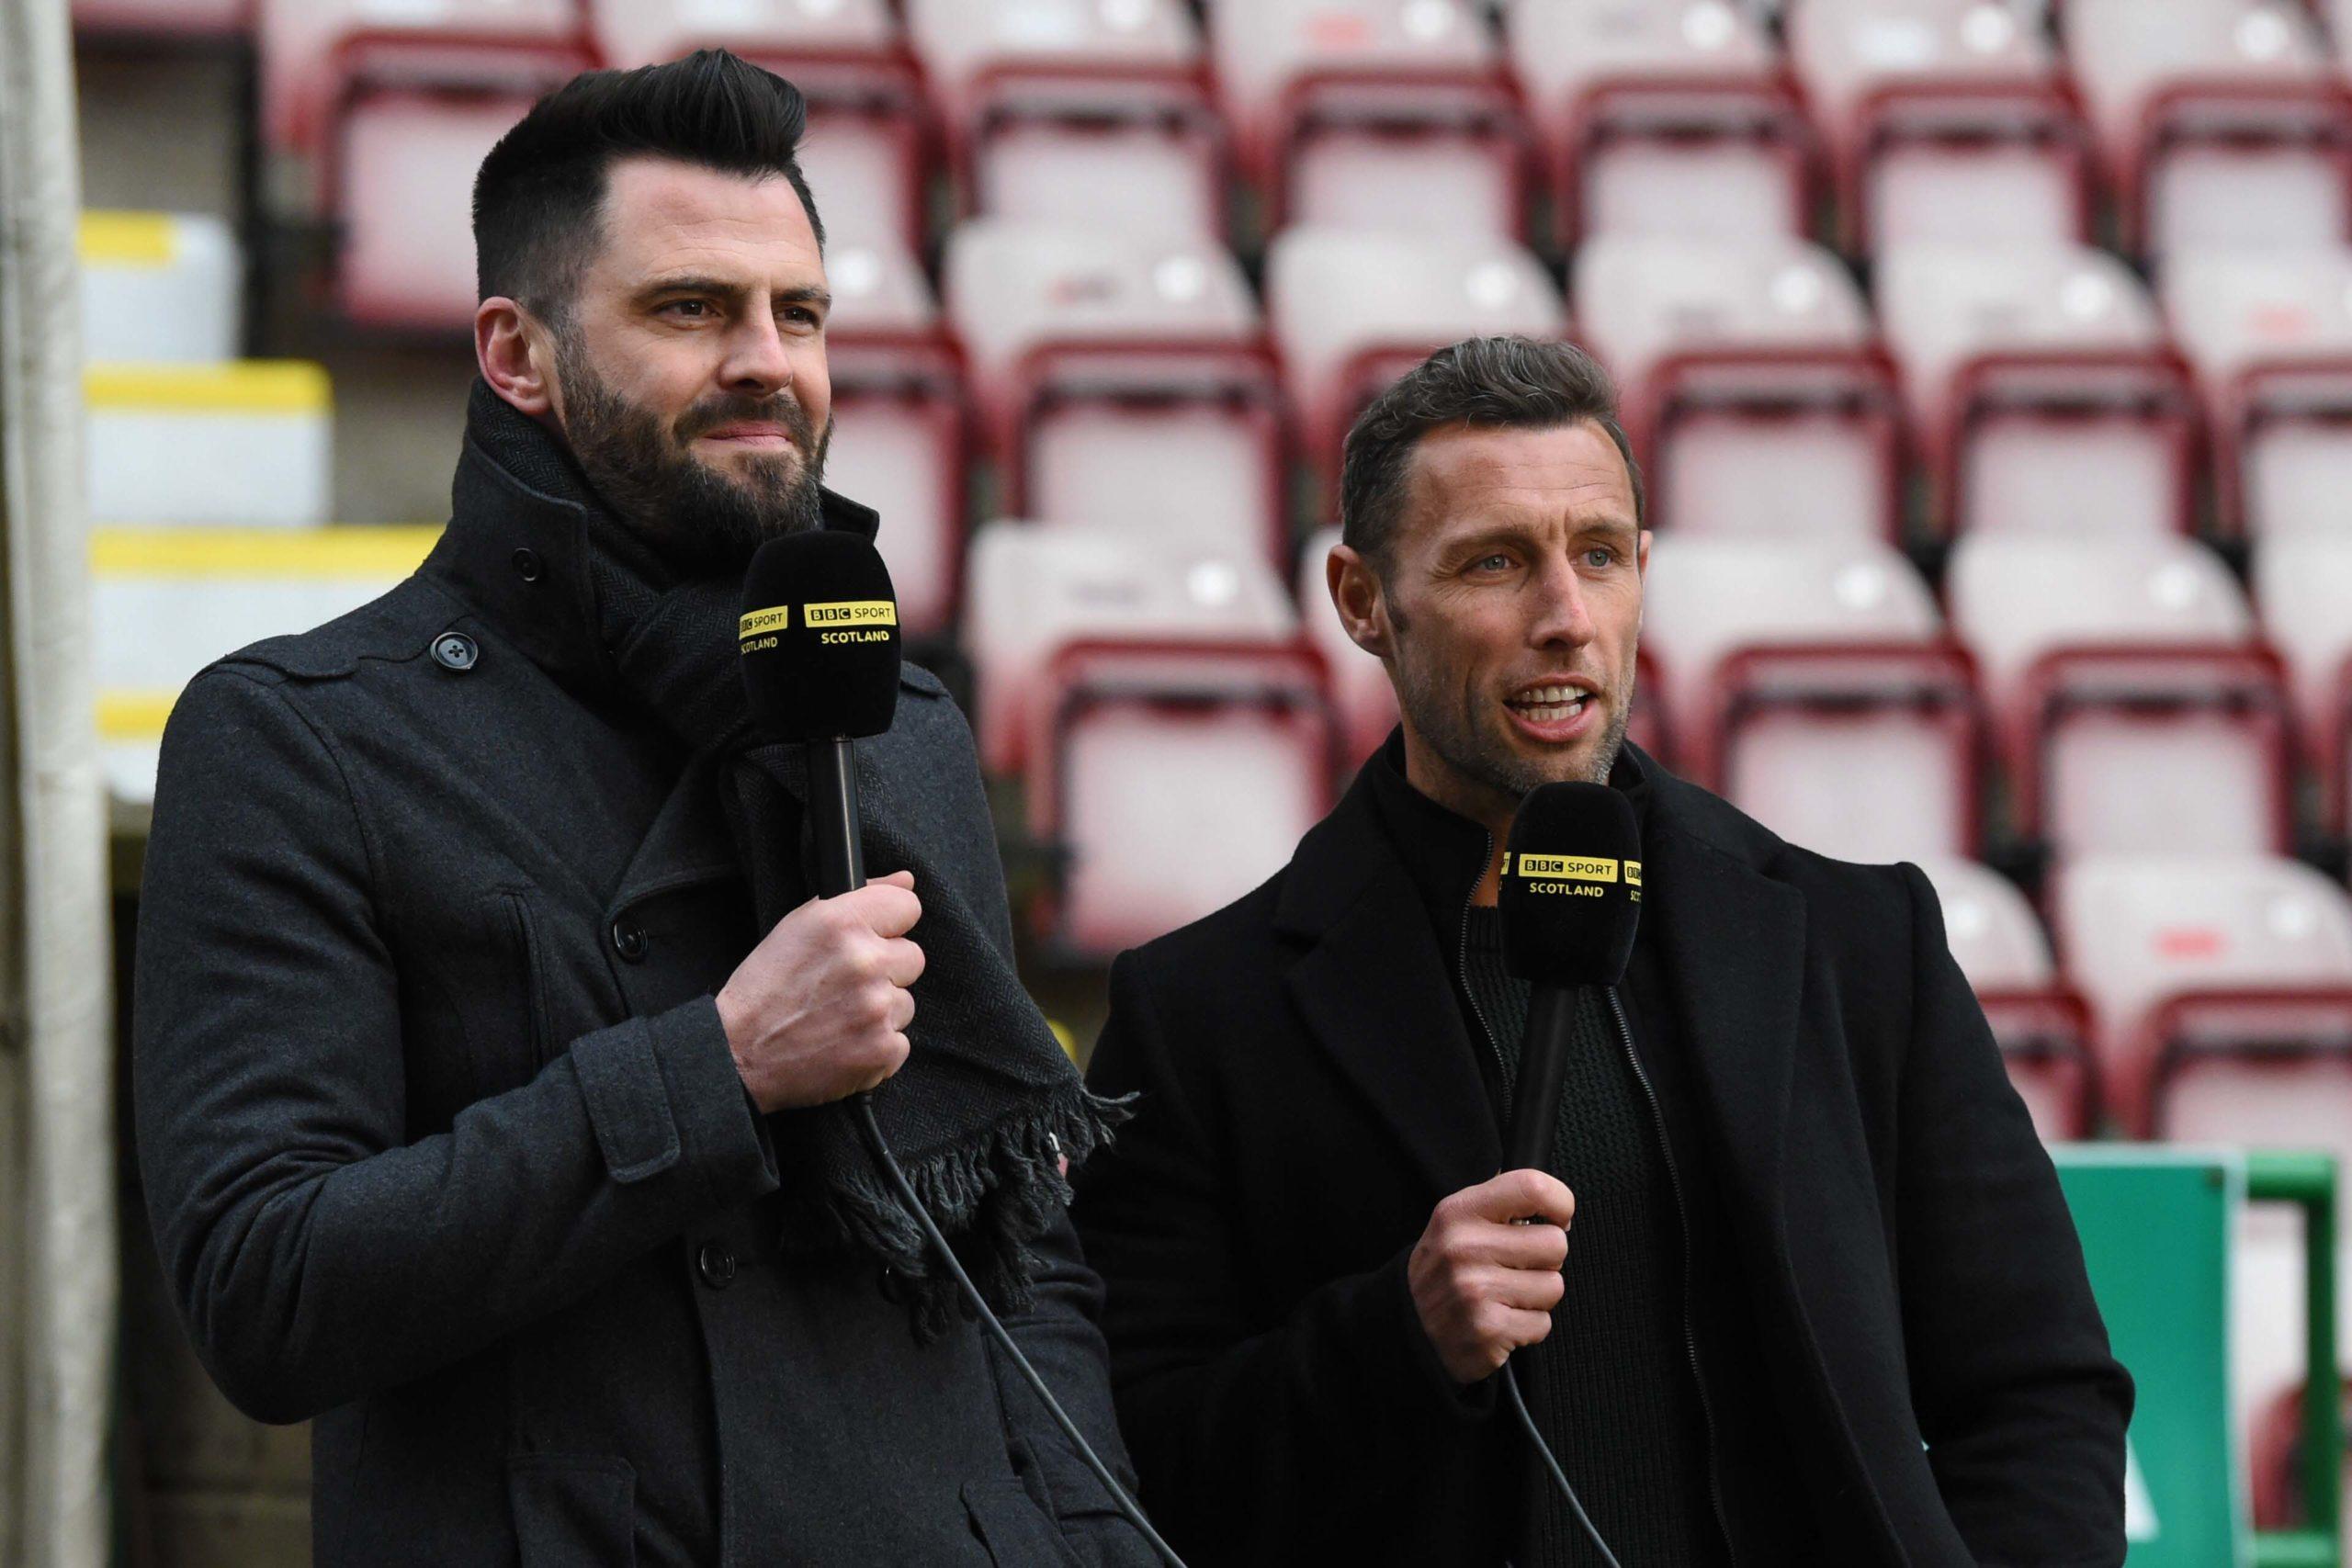 Steven Thompson alongside fellow ex-United striker Scott McDonald